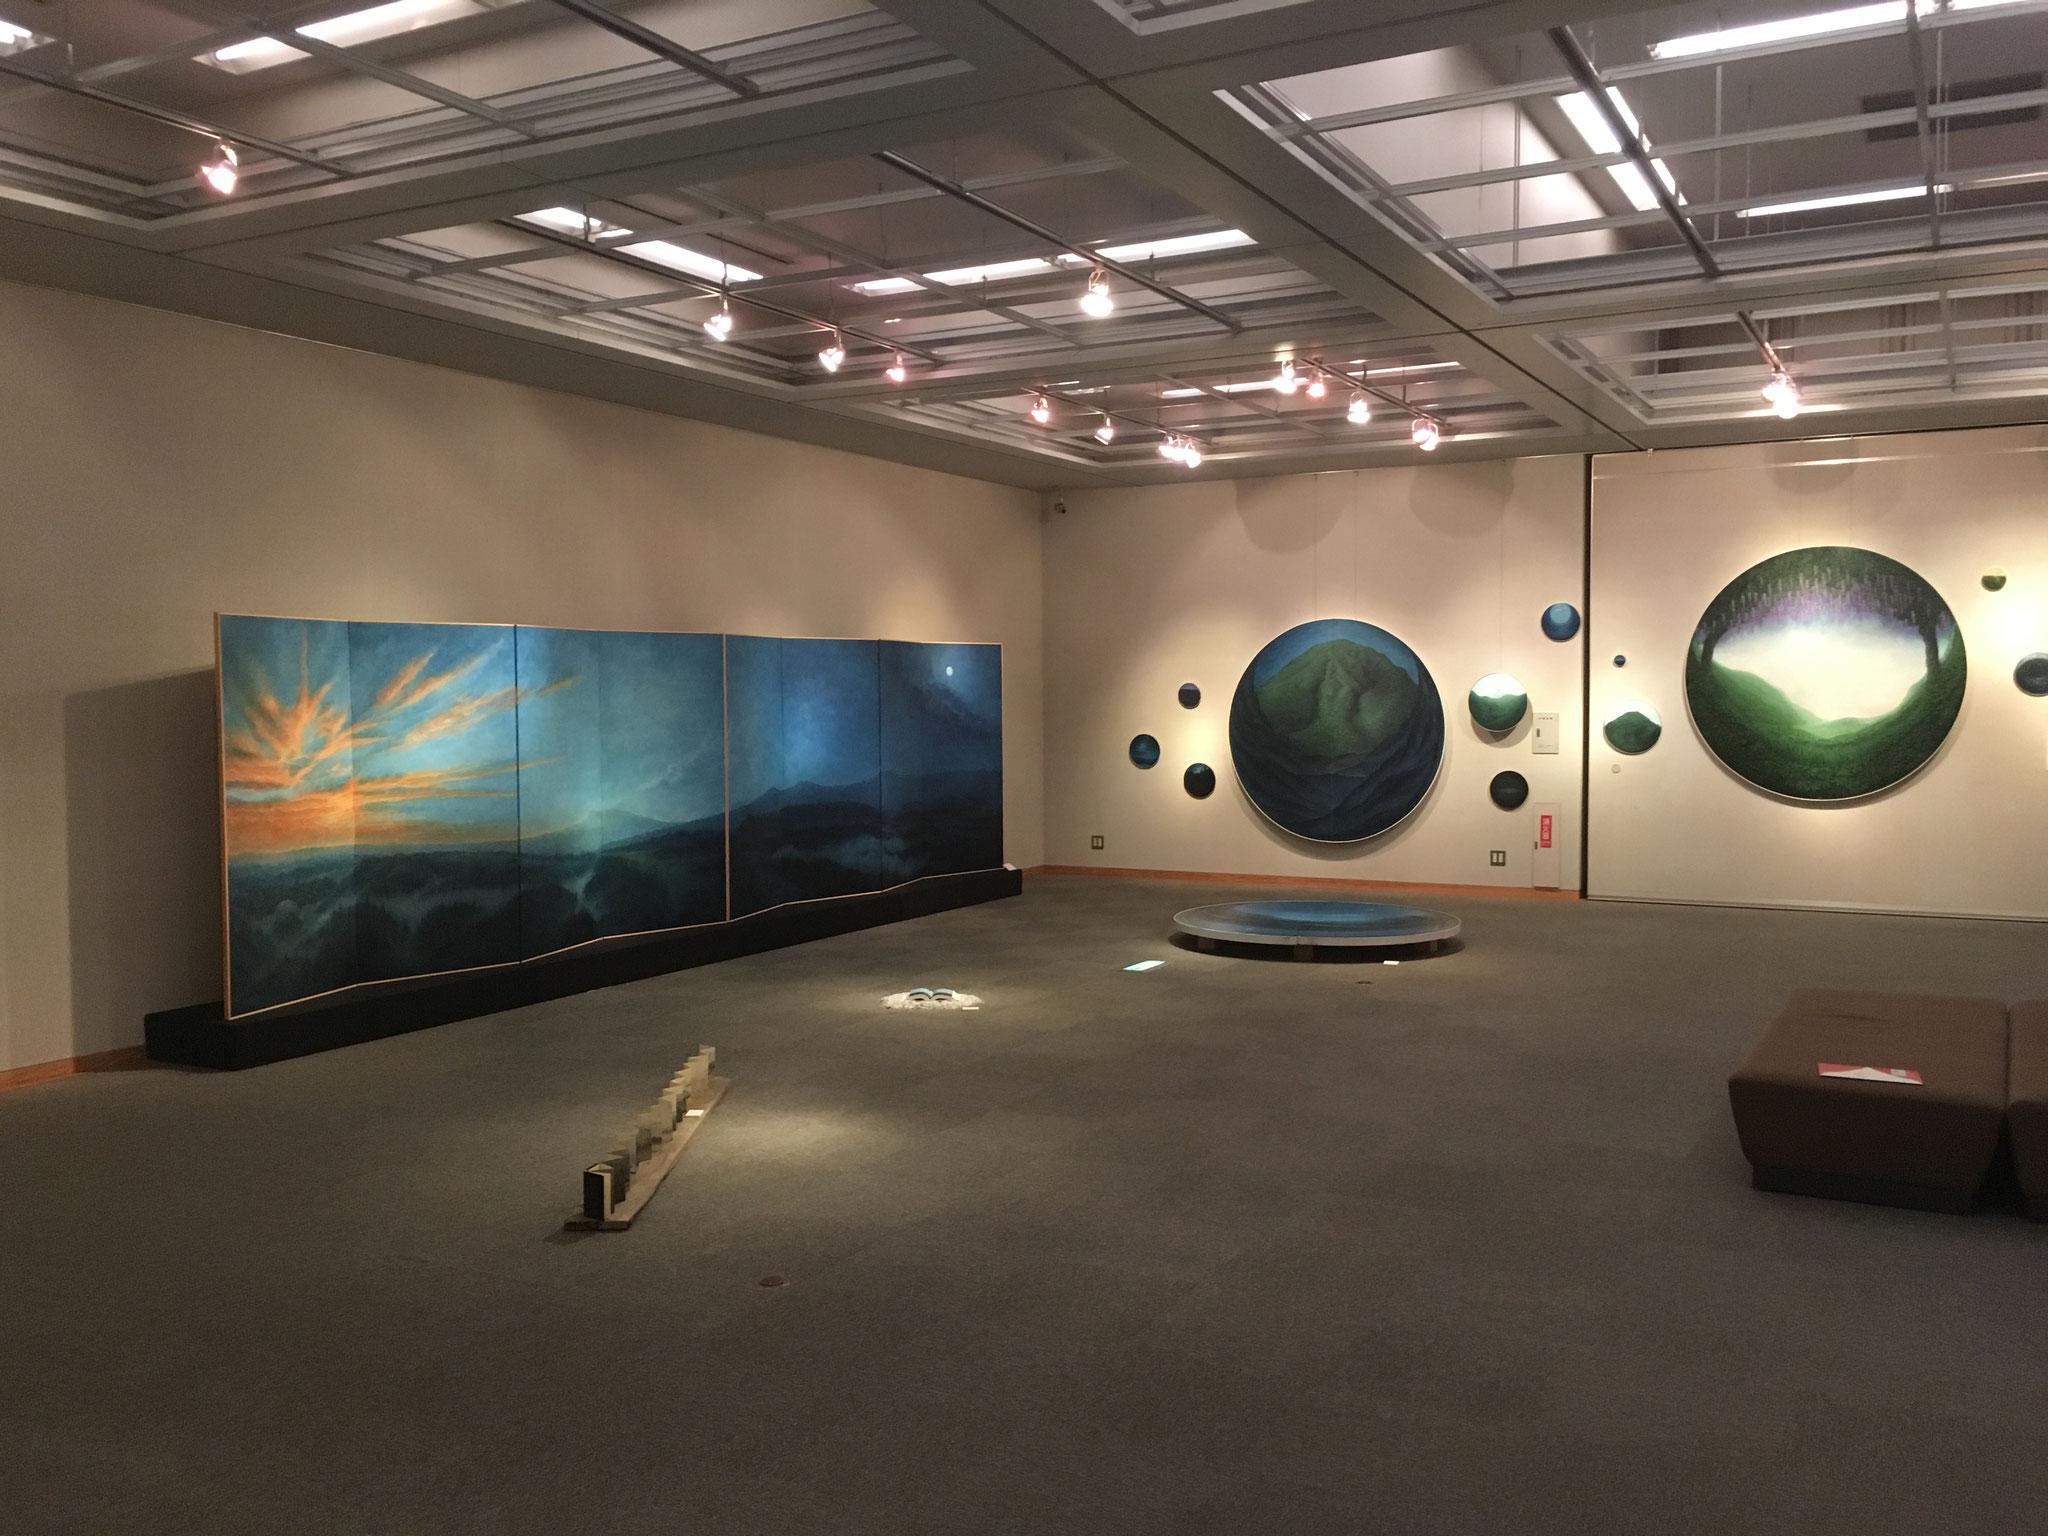 2019.07.14~09.17.「信州新世代のアーティスト展 next 」@おぶせミュージアム